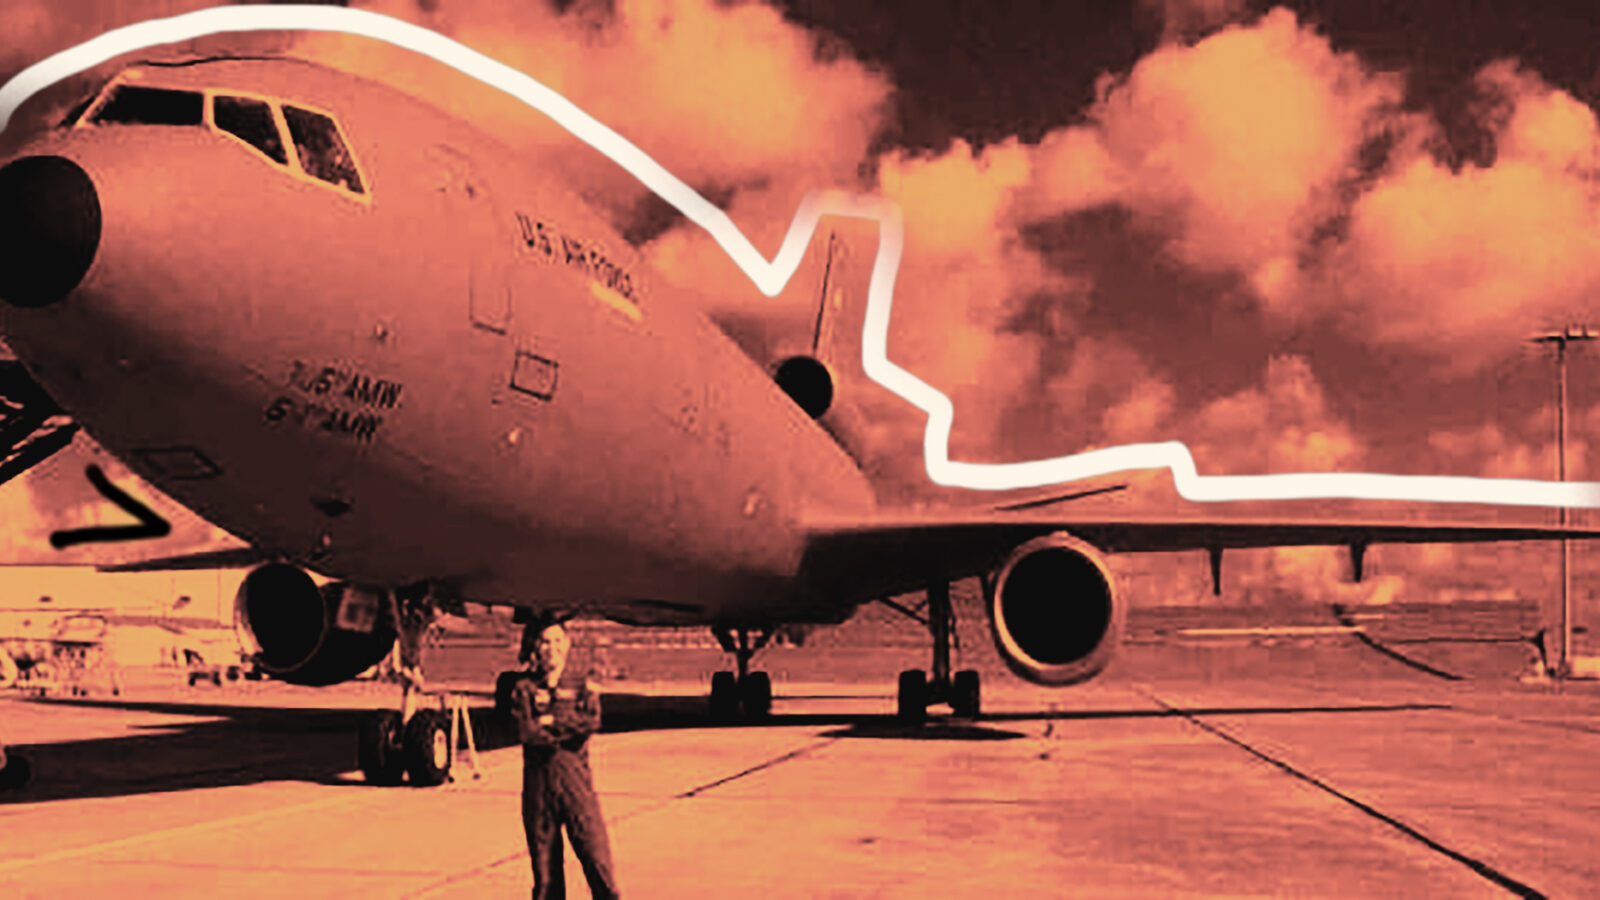 Delta Aviation